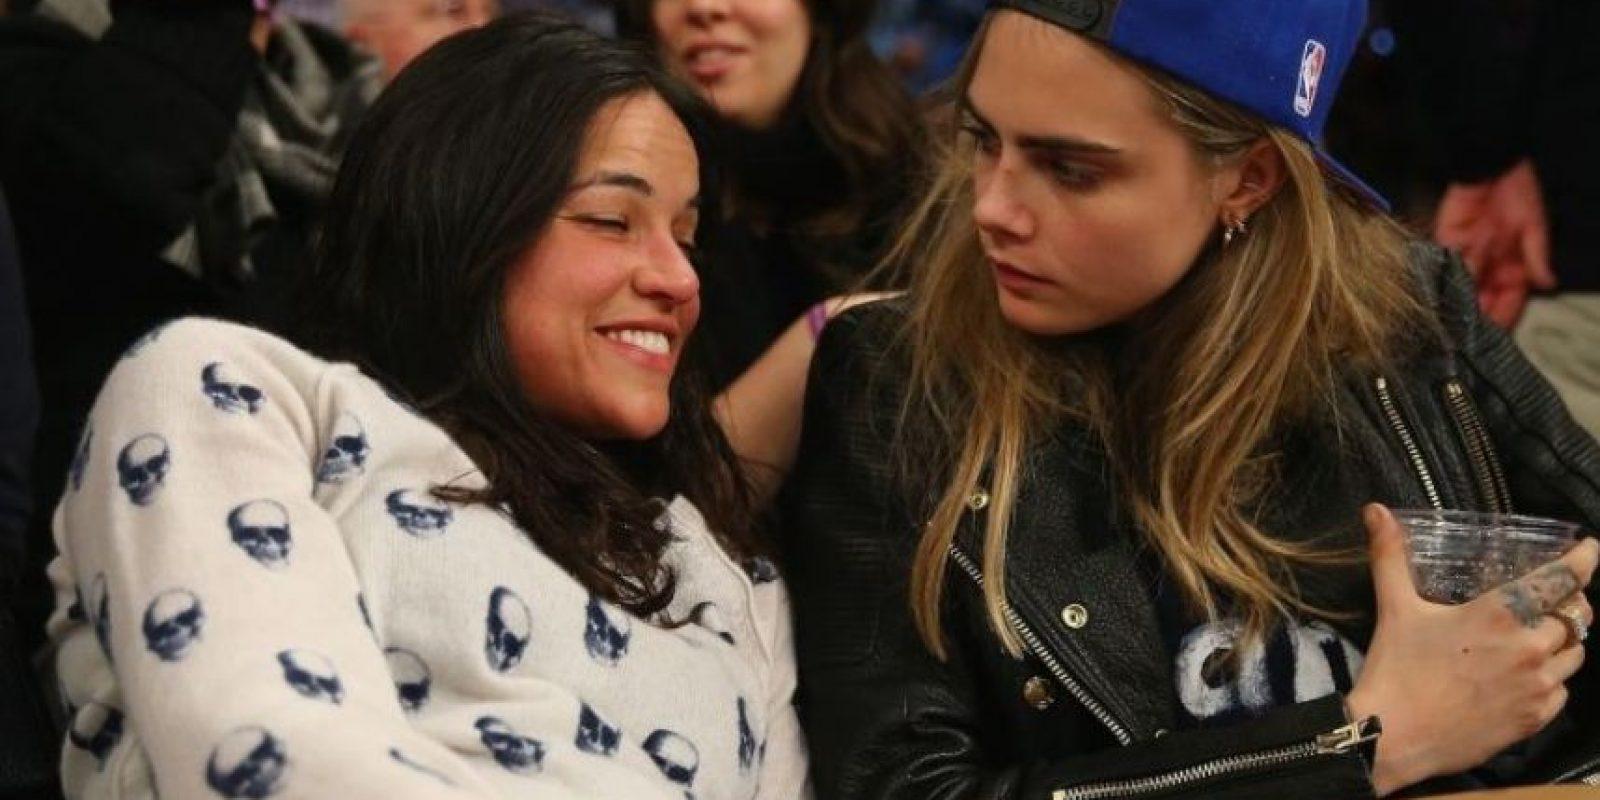 En meses pasados, Michelle causó gran polémica por terminar su romance con la exmodelo Cara Delevingne para salir con el actor Zac Efron. Foto:Getty Images